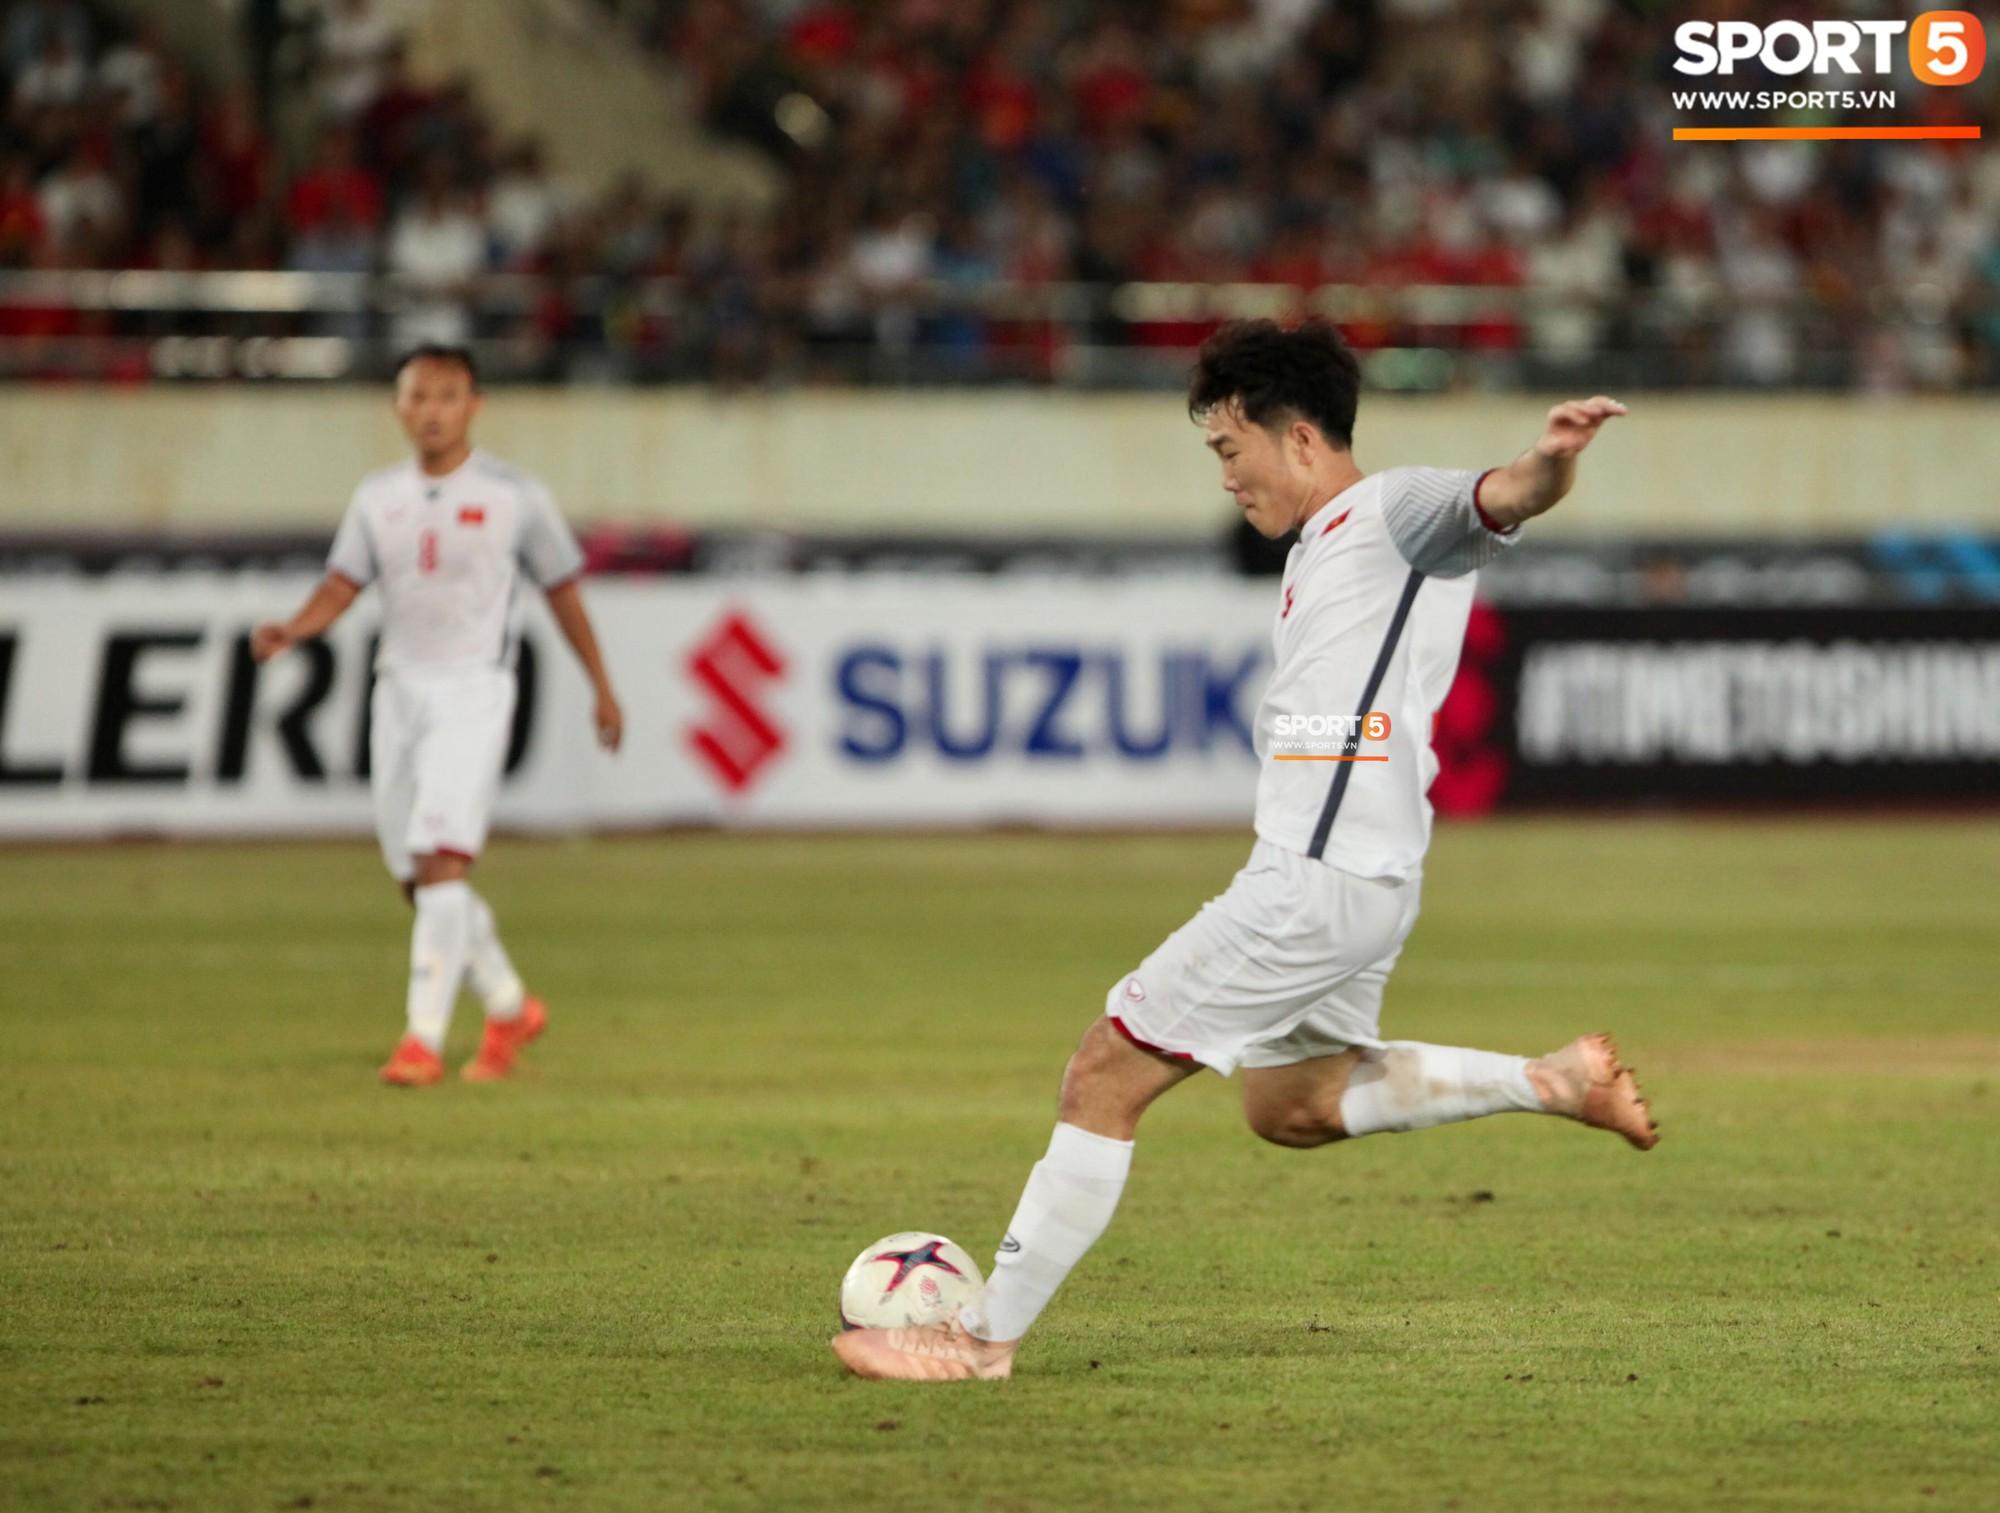 Đoàn Văn Hậu dùng tay chơi bóng, nhận thẻ vàng tại AFF CUP 2018 - Ảnh 10.